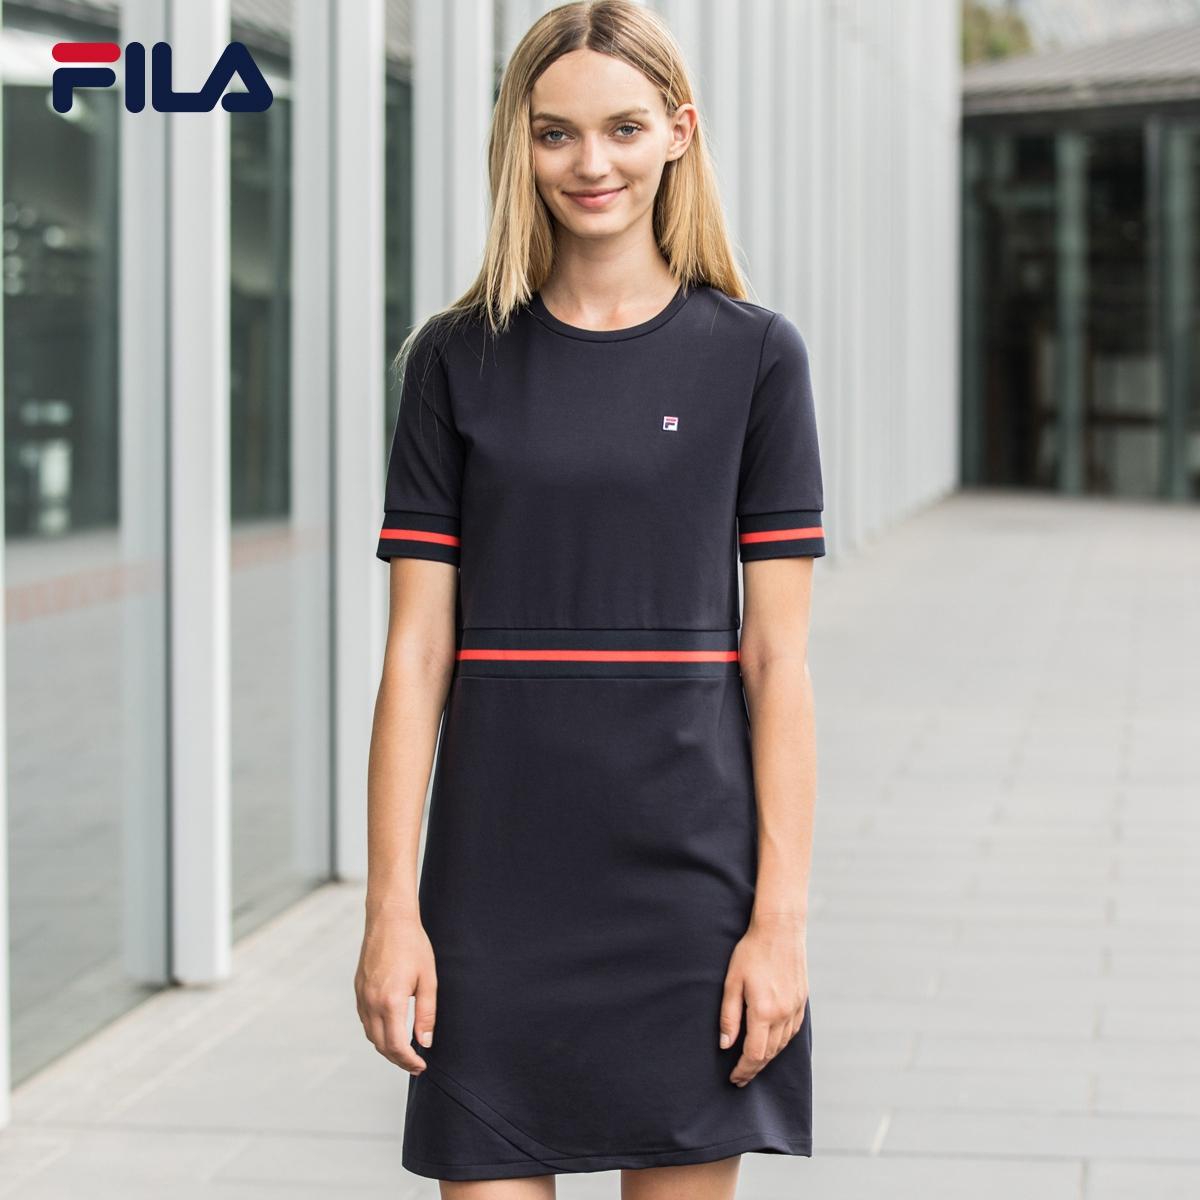 FILA фиджи музыка платье 2018 новый летний круглый вырез полоса тонкий короткий рукав движение платье